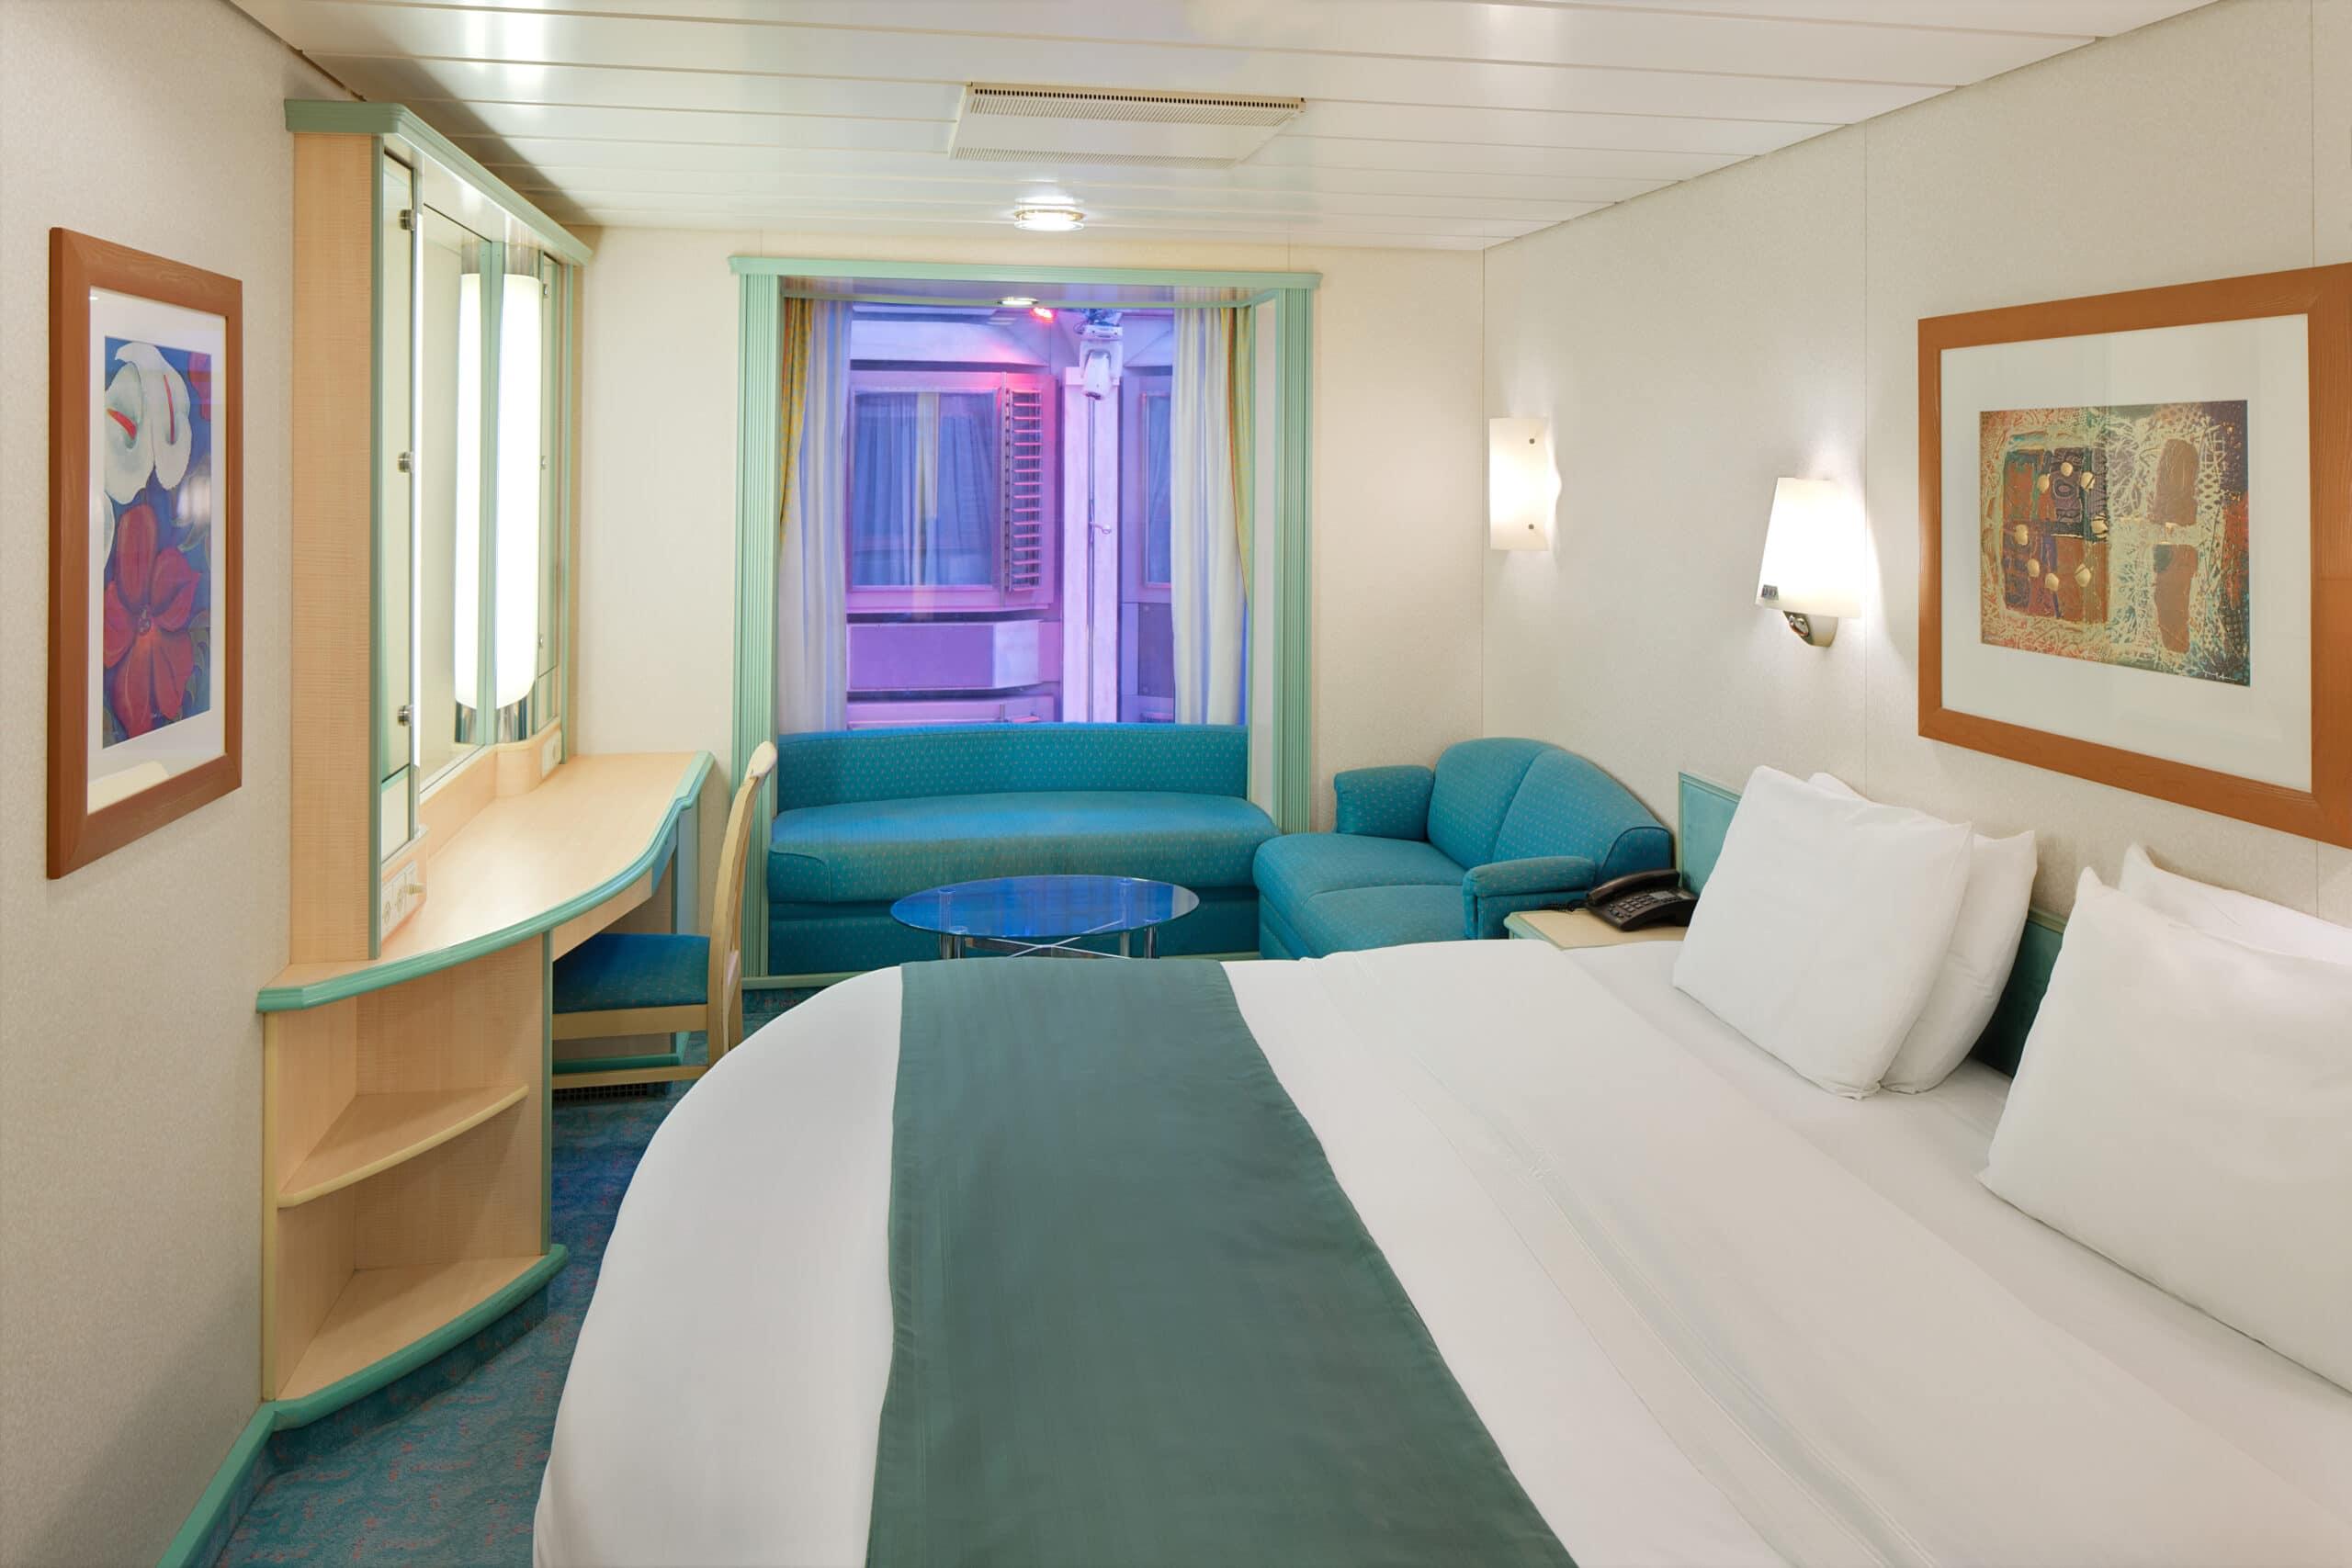 Royal-Caribbean-International-Adventure-of-the-Seas-schip-cruiseschip-categorie-2T-promenade-binnenhut